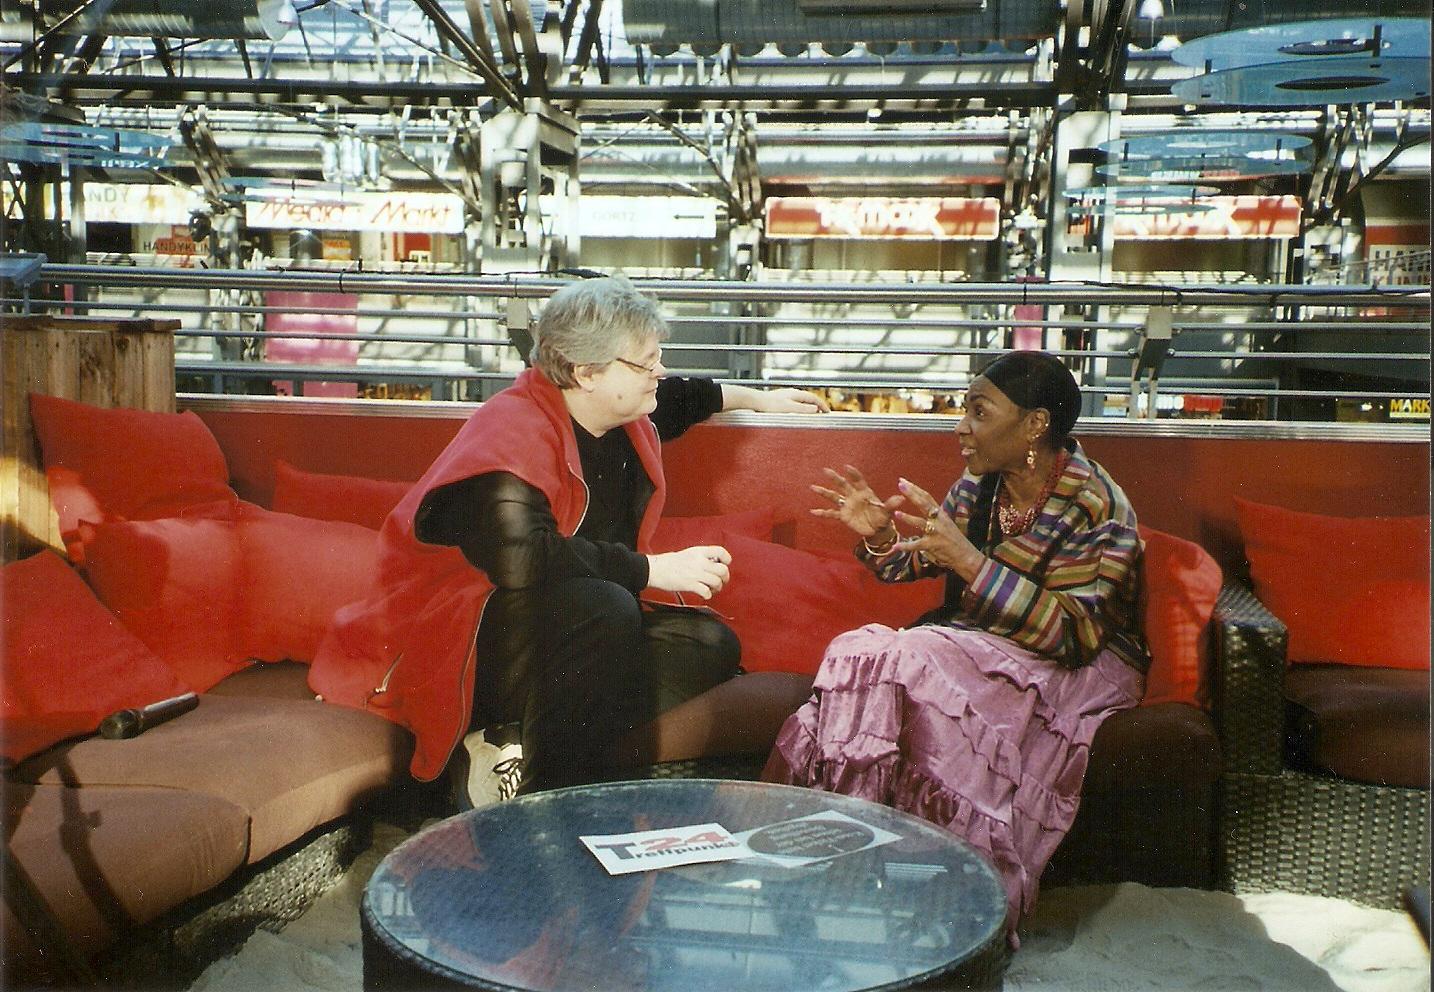 My interview at Treffpunkt 24 in Berlin.